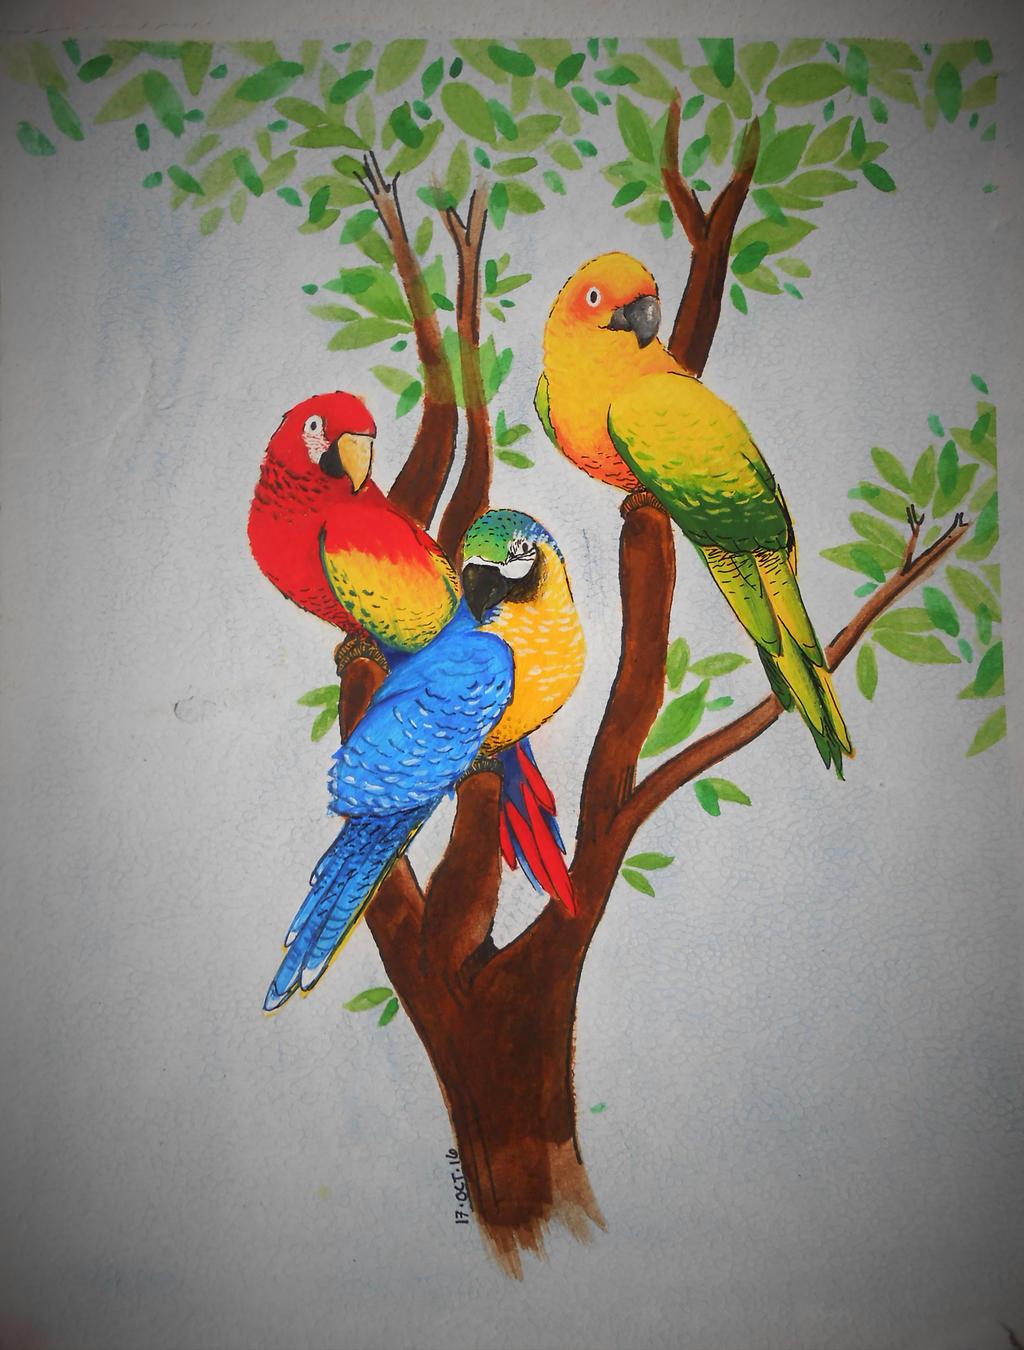 Birds by WilliamDreyfus